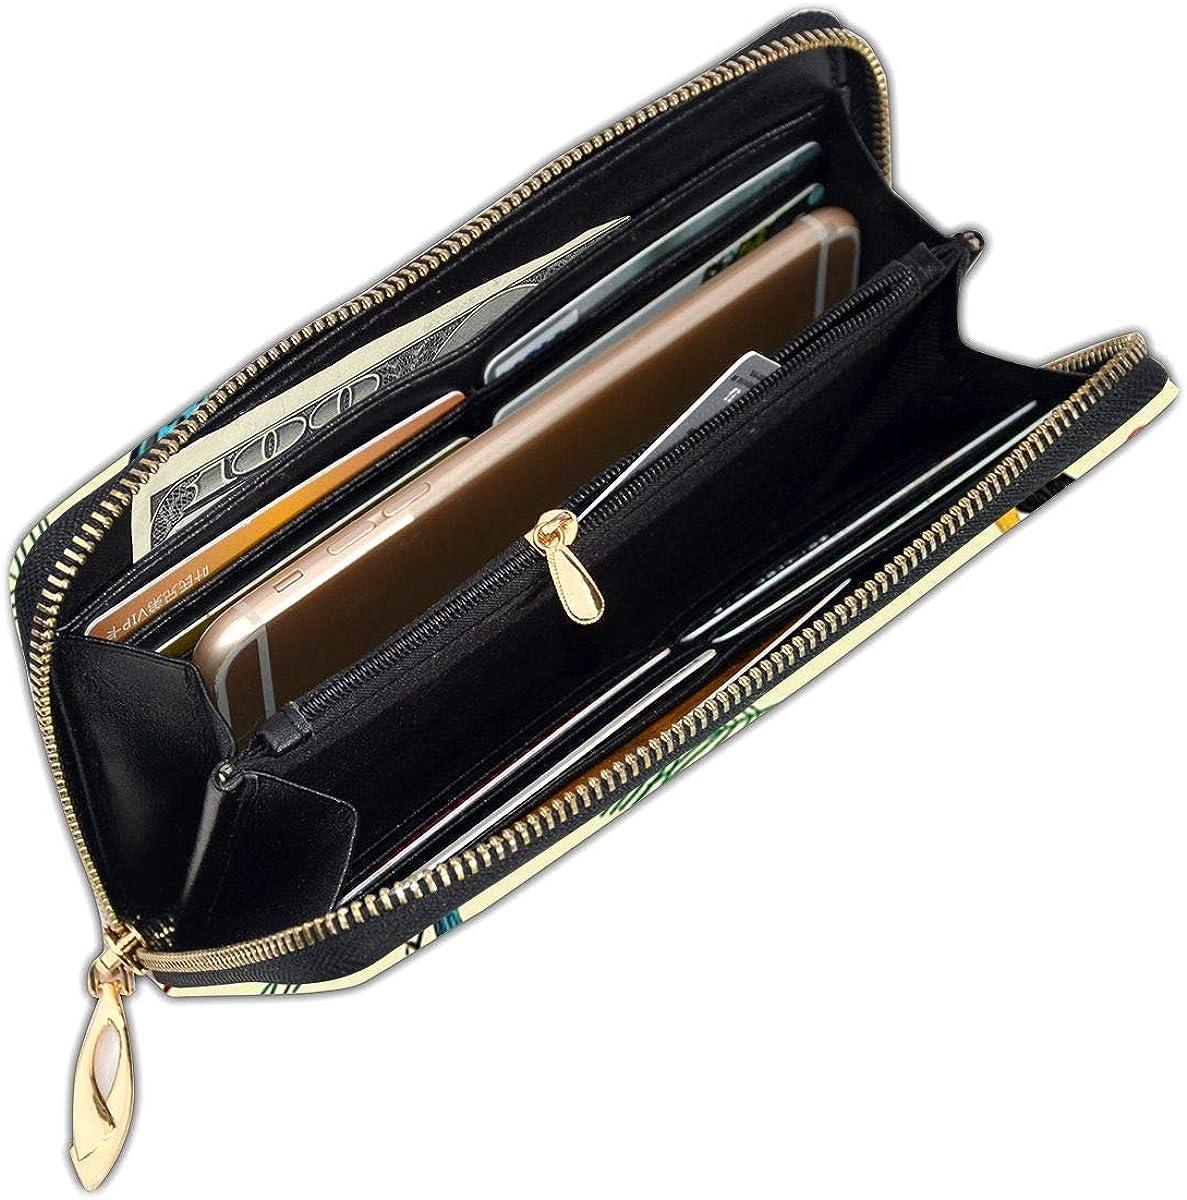 Vintage Bird Pattern Womens RFID Blocking Zip Around Wallet Genuine Leather Clutch Long Card Holder Organizer Wallets Large Travel Purse